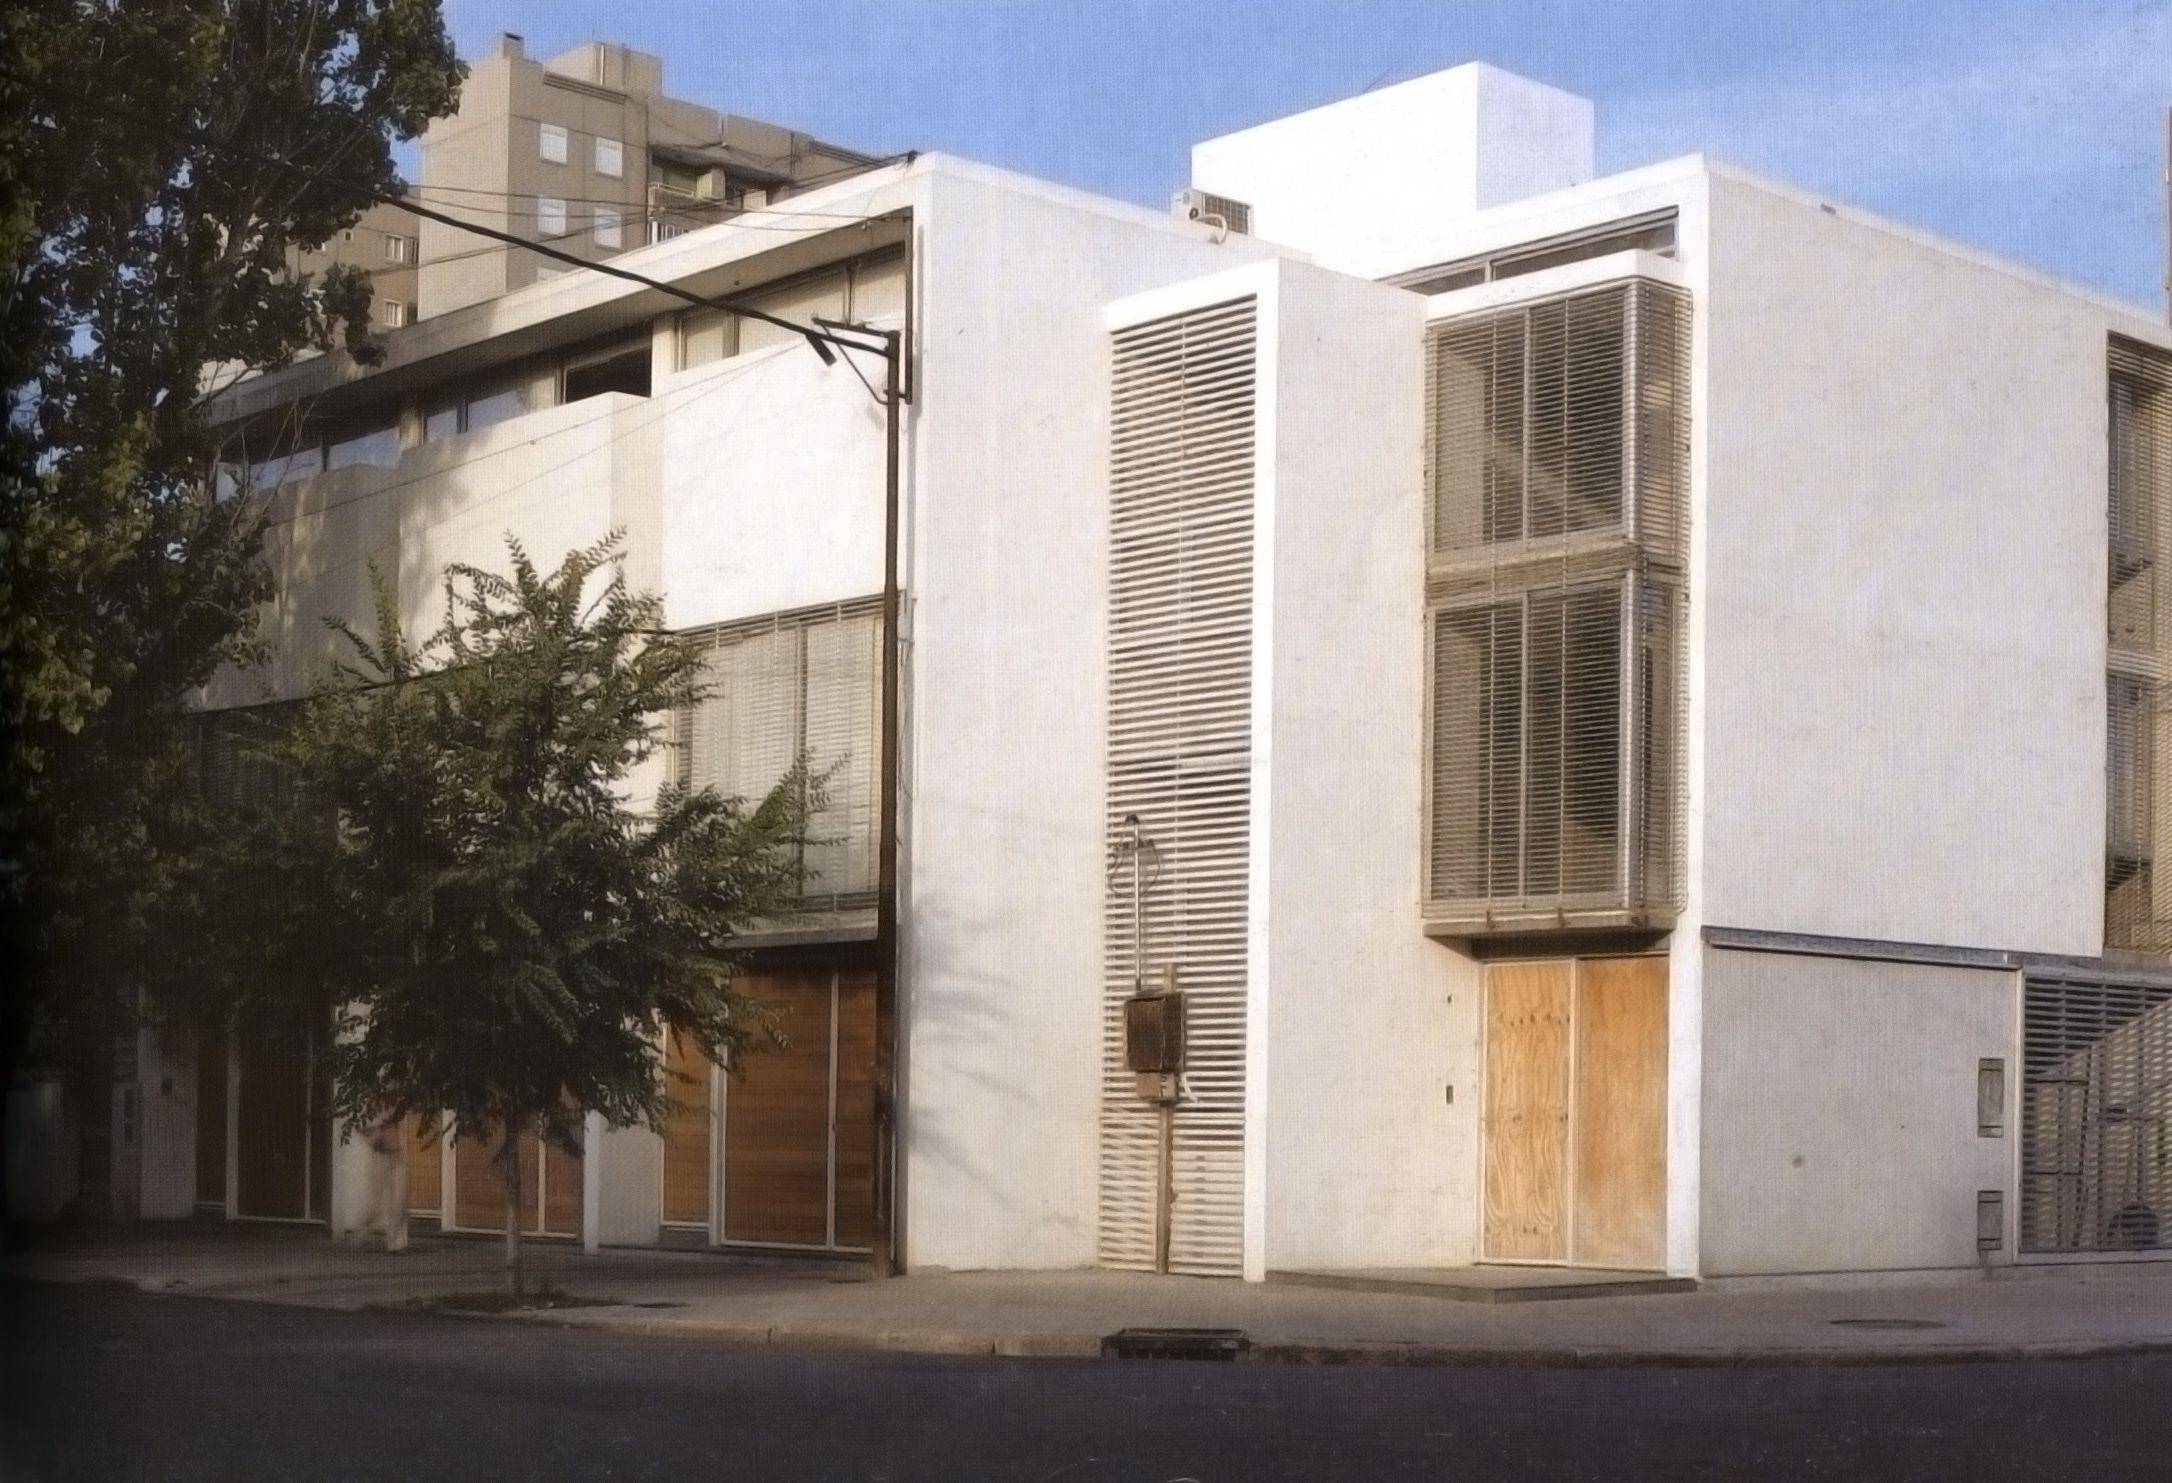 Alejandro Beltramone, Marcelo Ponzellini, Mariano Costa, Marisol Valenzuela arquitetos. Conjunto de Casas (2001-2003) [summa+, n. 71, fev. 2005]